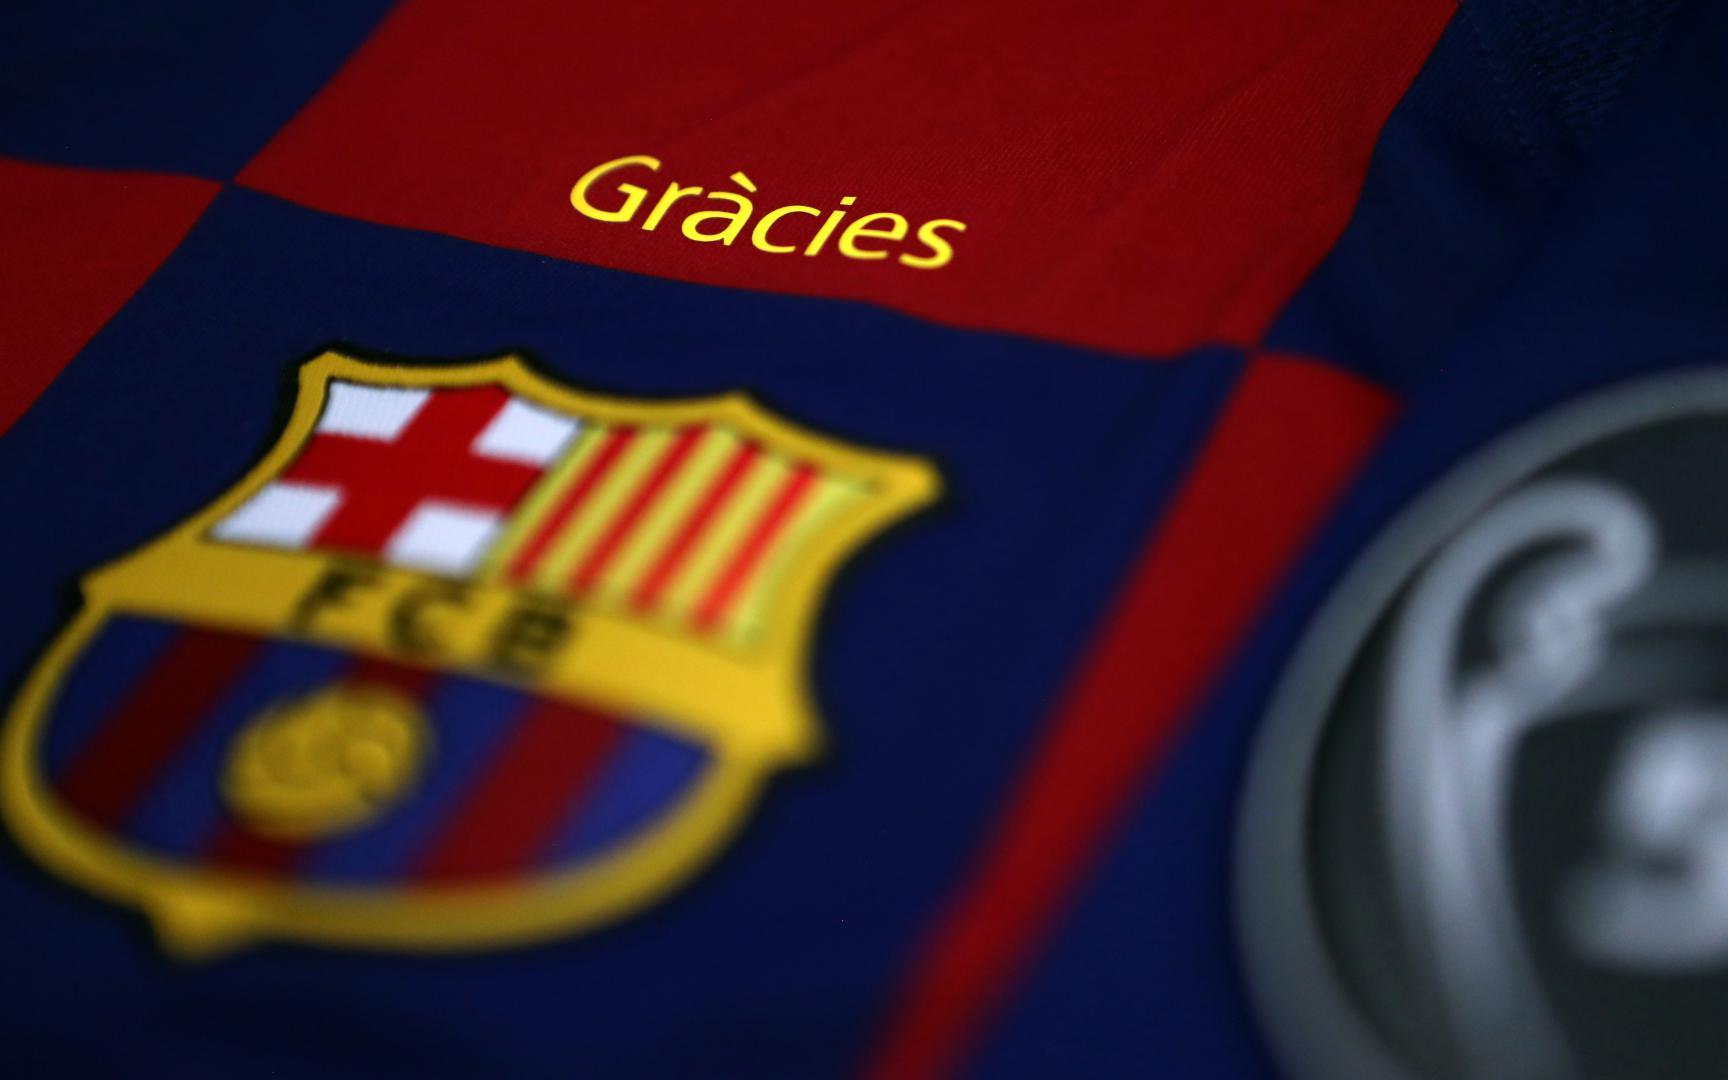 CHAMPIONS LEAGUE: El mensaje que lucirá el Barça ante el Nápoles